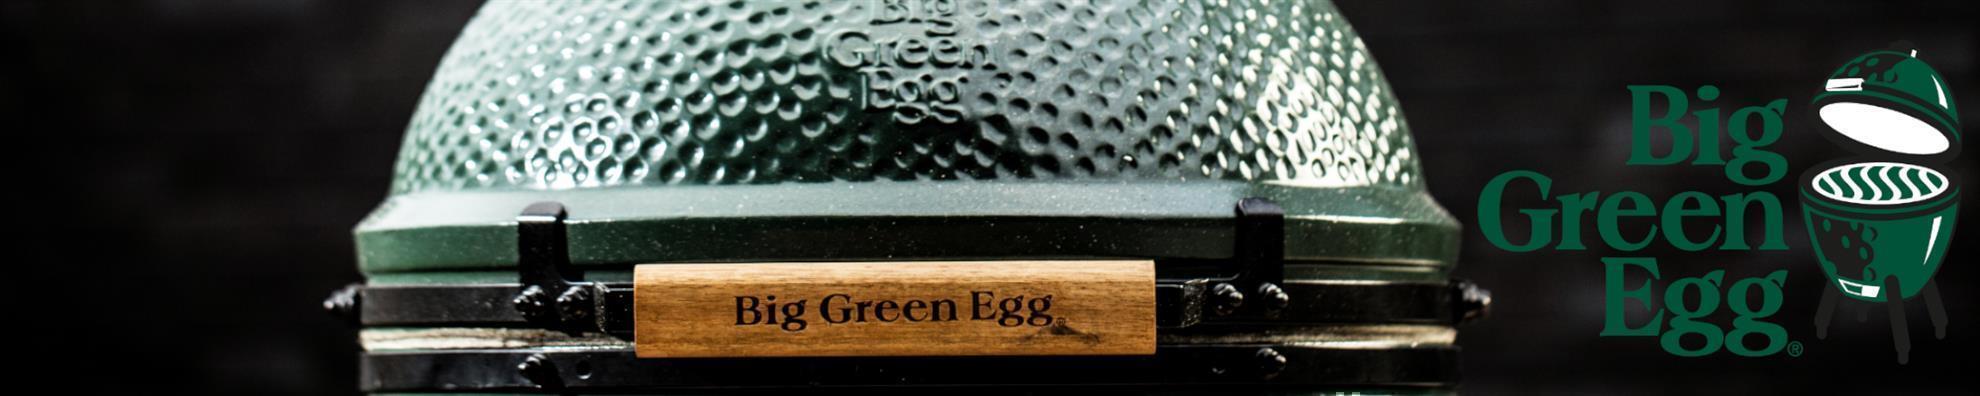 Big Green Egg - Ascheschaufel